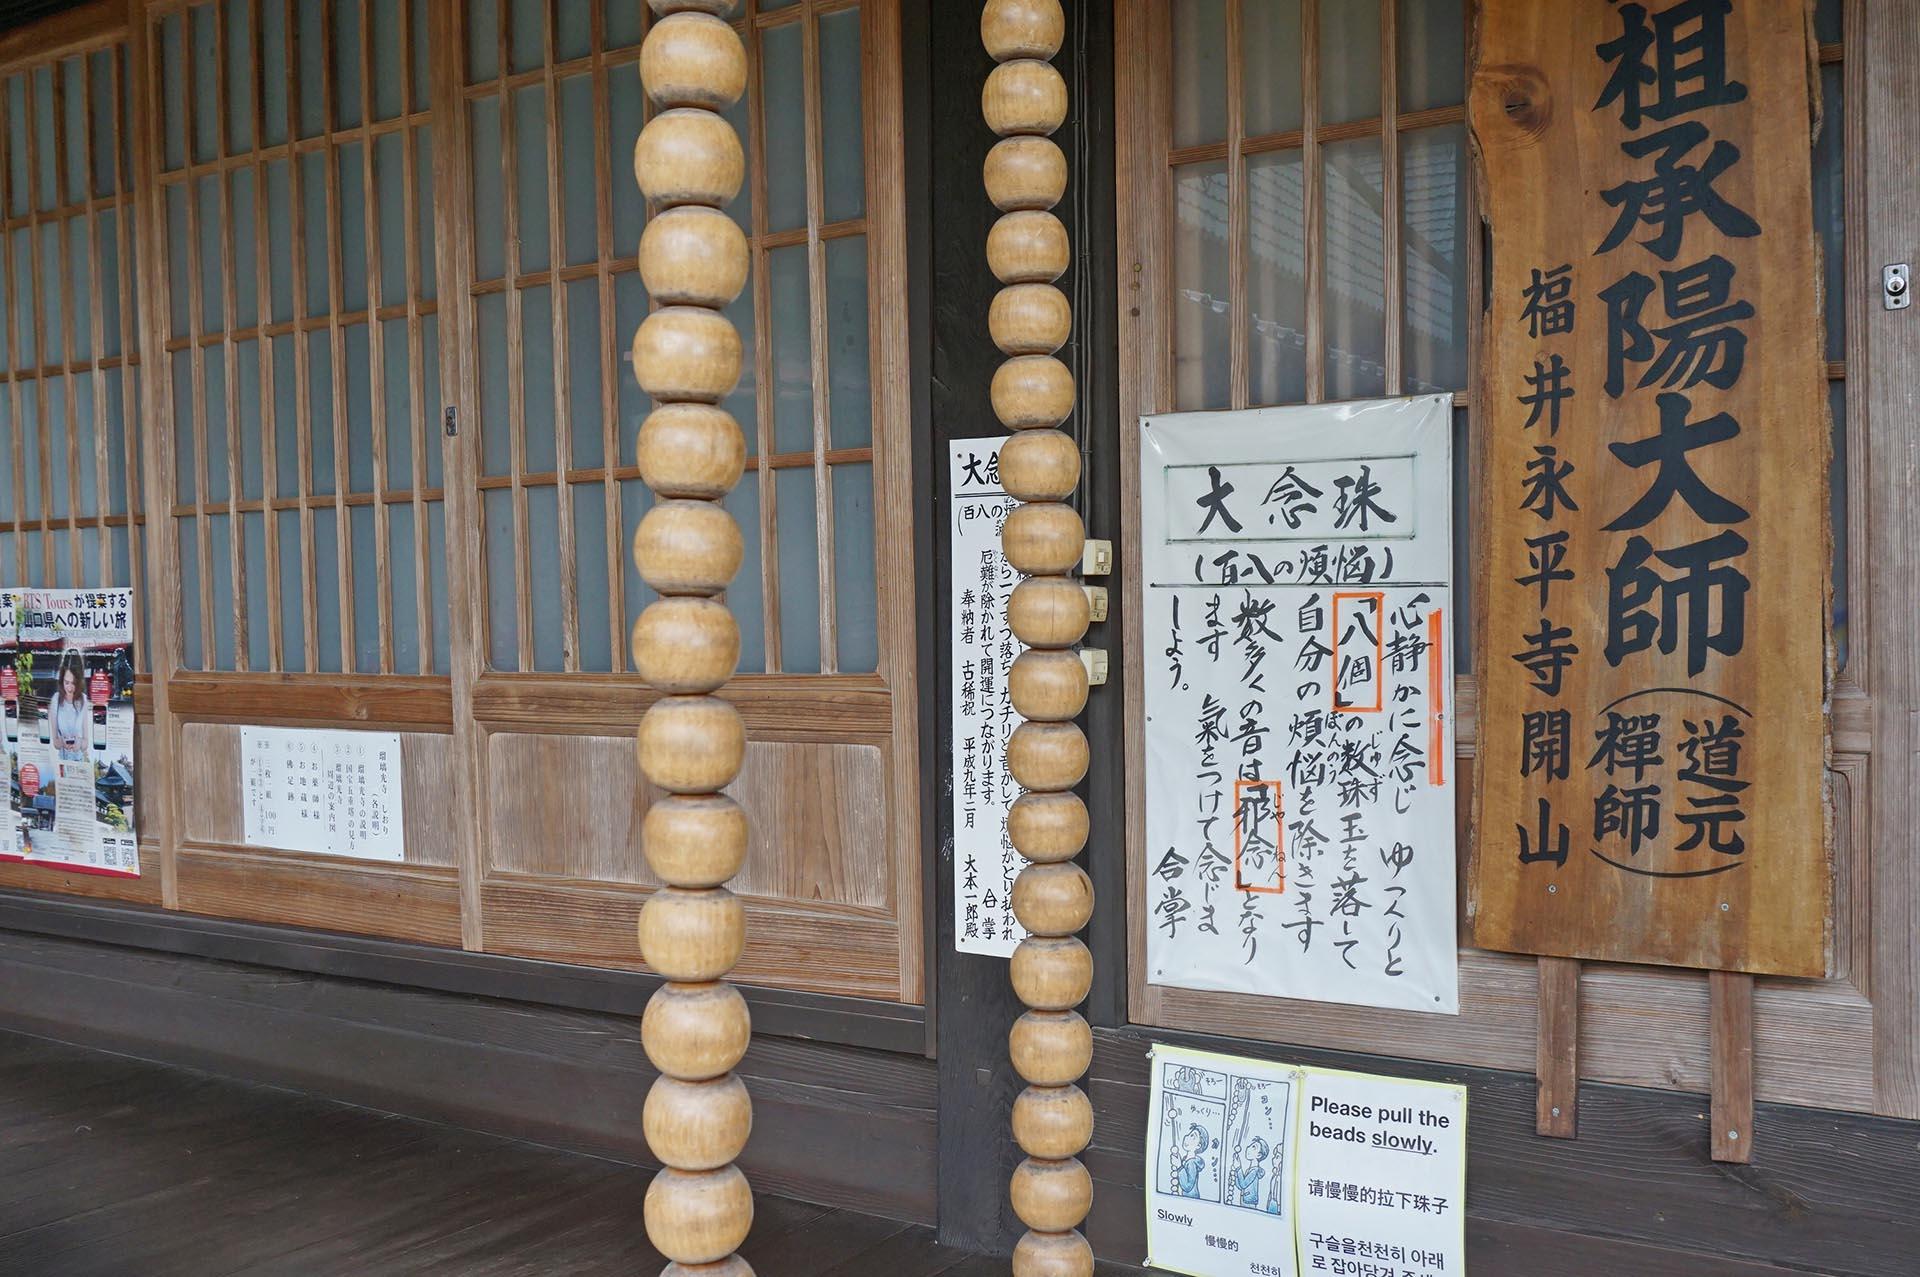 瑠璃光寺の大念珠